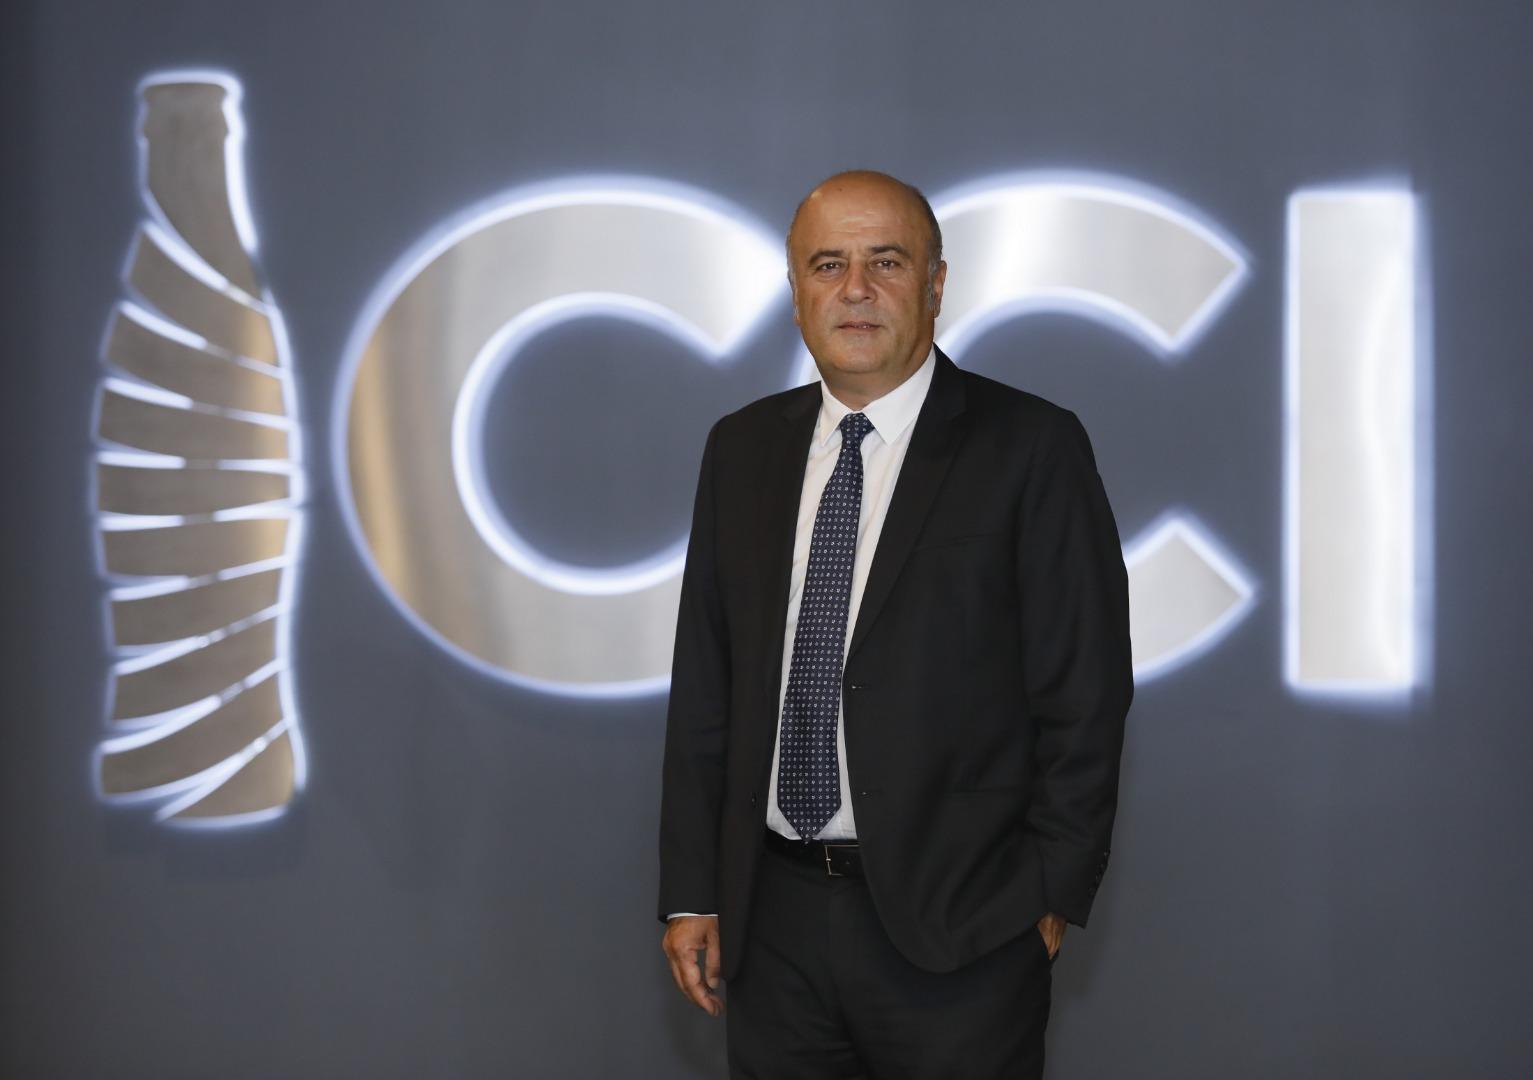 CCİ 152 yeni projeyle gezegene fayda sağlıyor